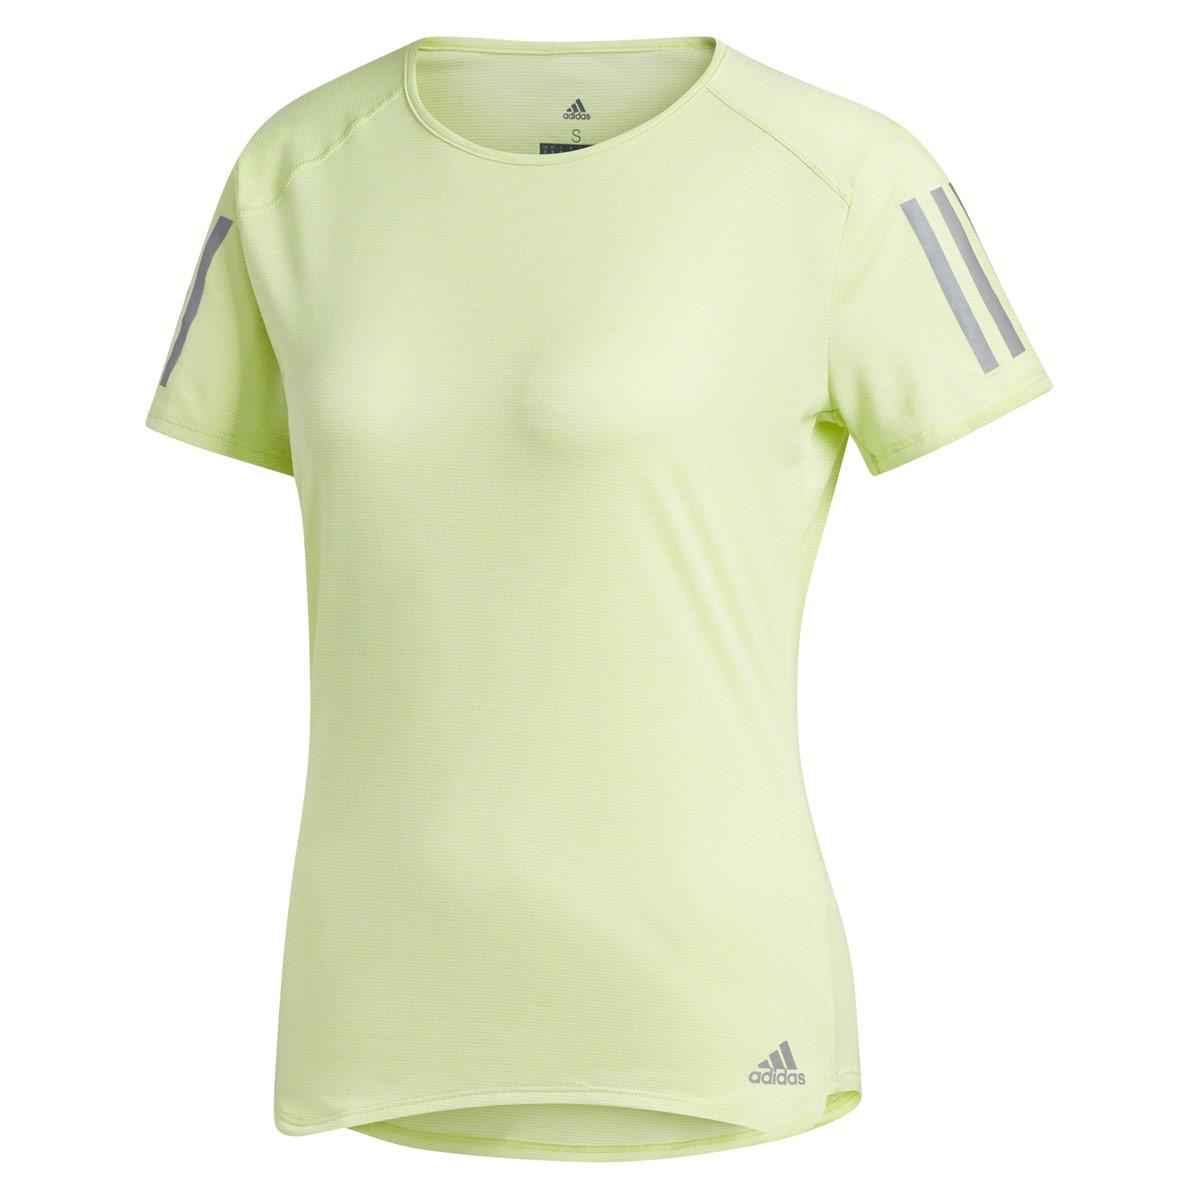 Cooler Tee Pour Jaune Response De Maillot Course Adidas Femme wiOukPZXT